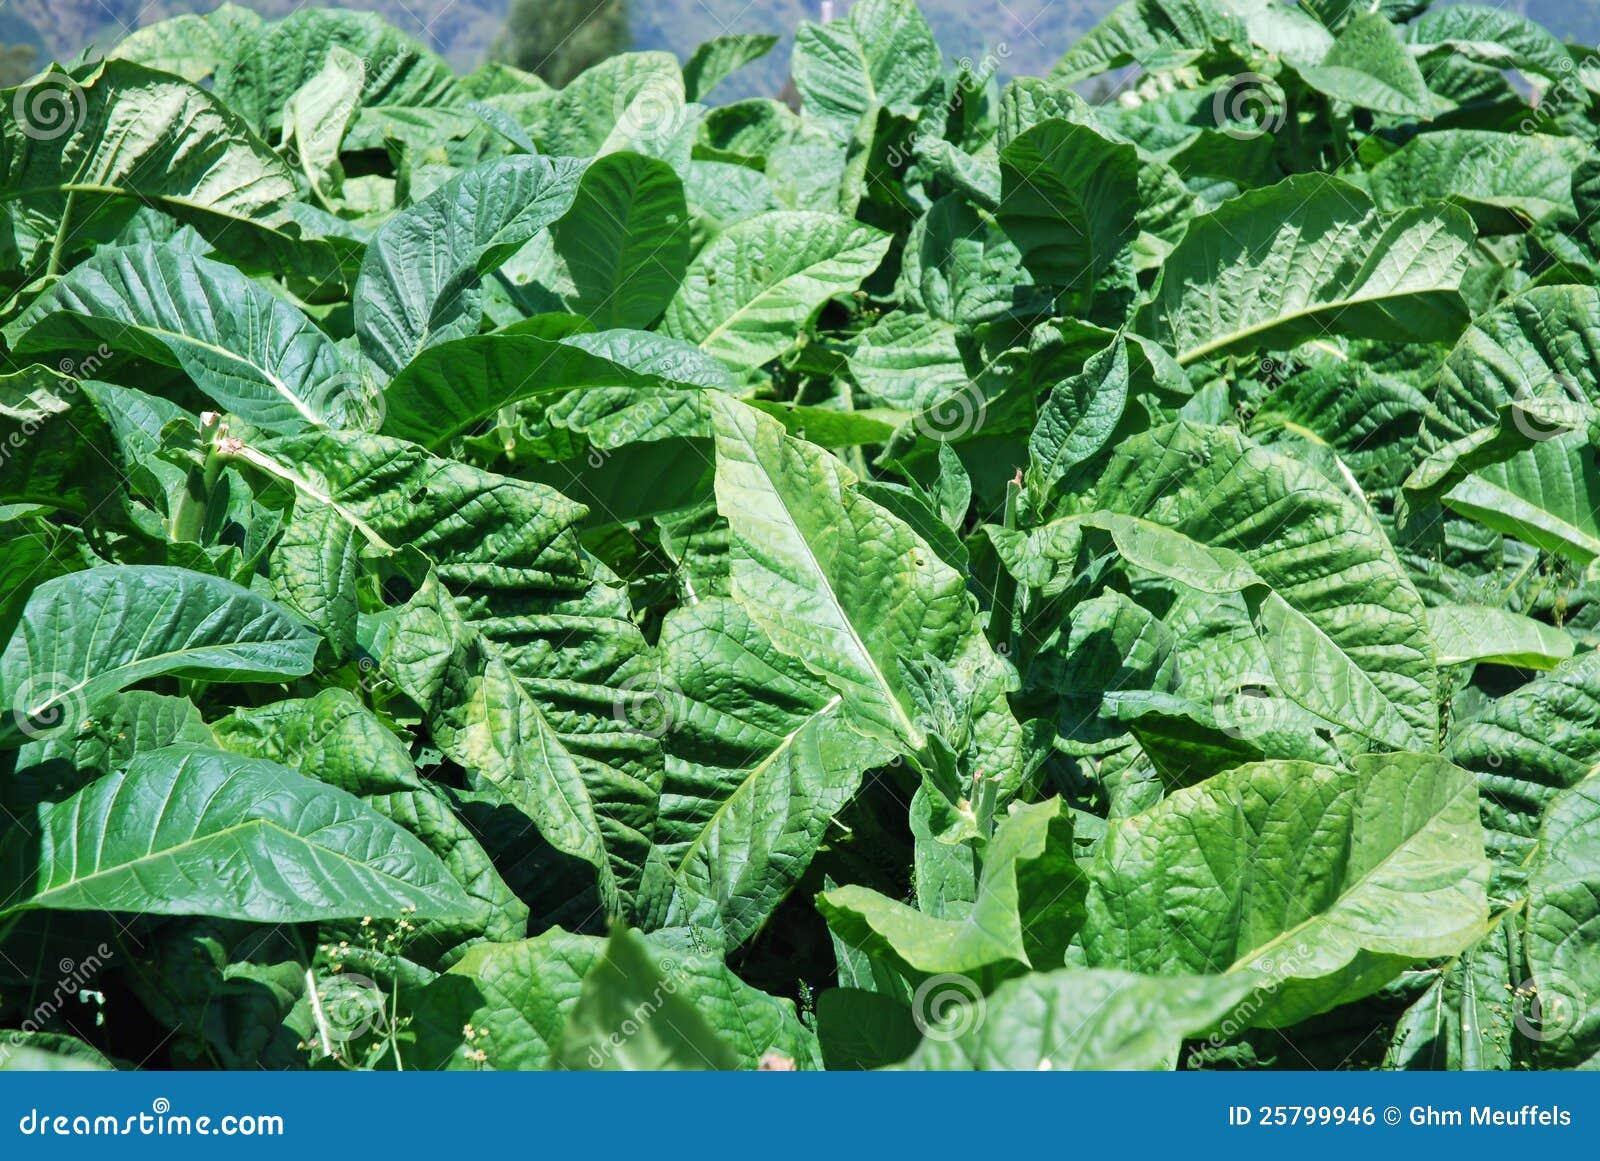 Plantas de tabaco con las hojas verdes grandes imagen de - Plantas de hojas verdes ...